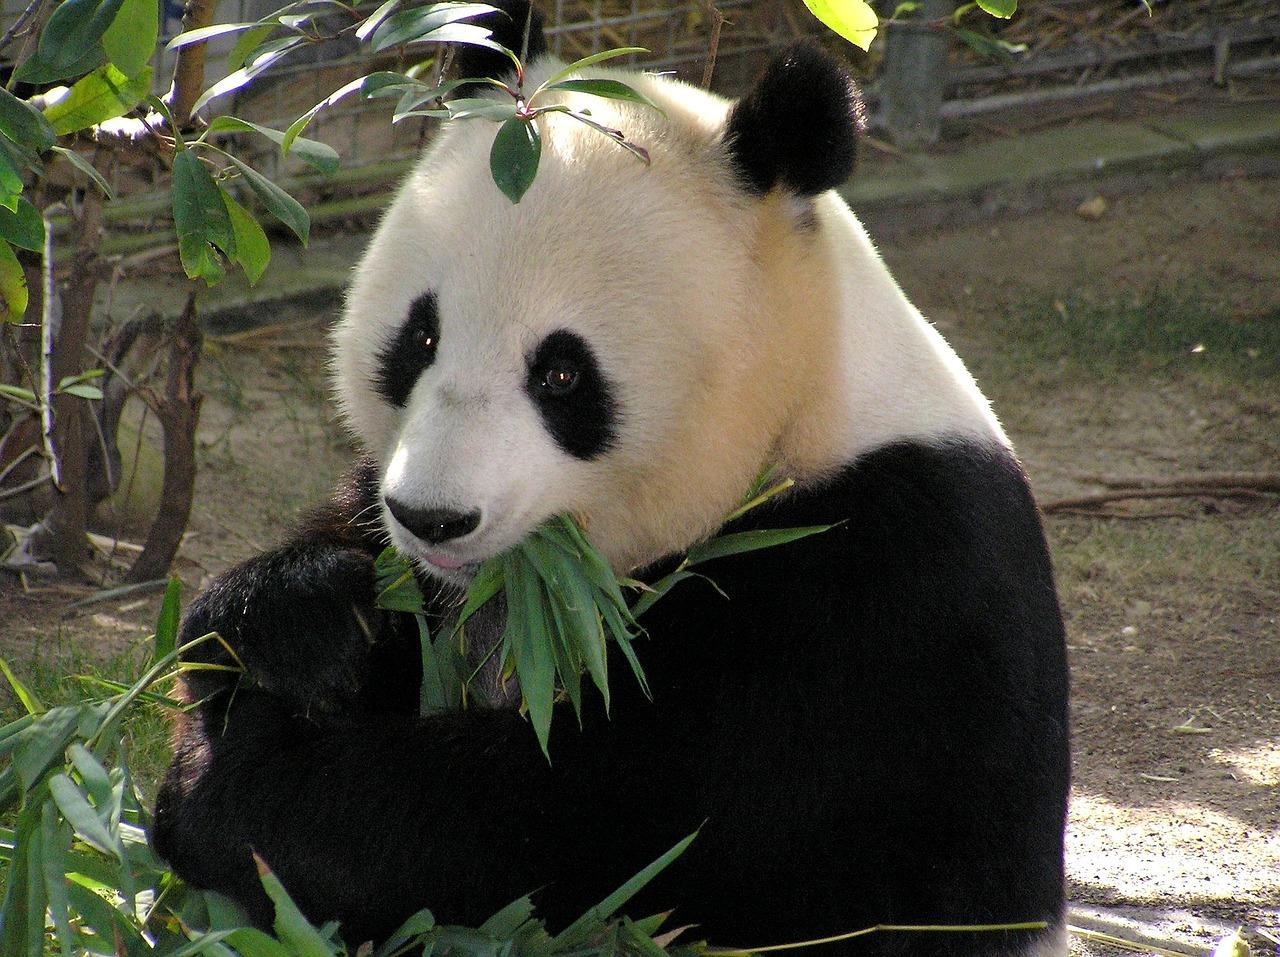 Čínská firma chce z pandího trusu vyrábět papírové kapesníky